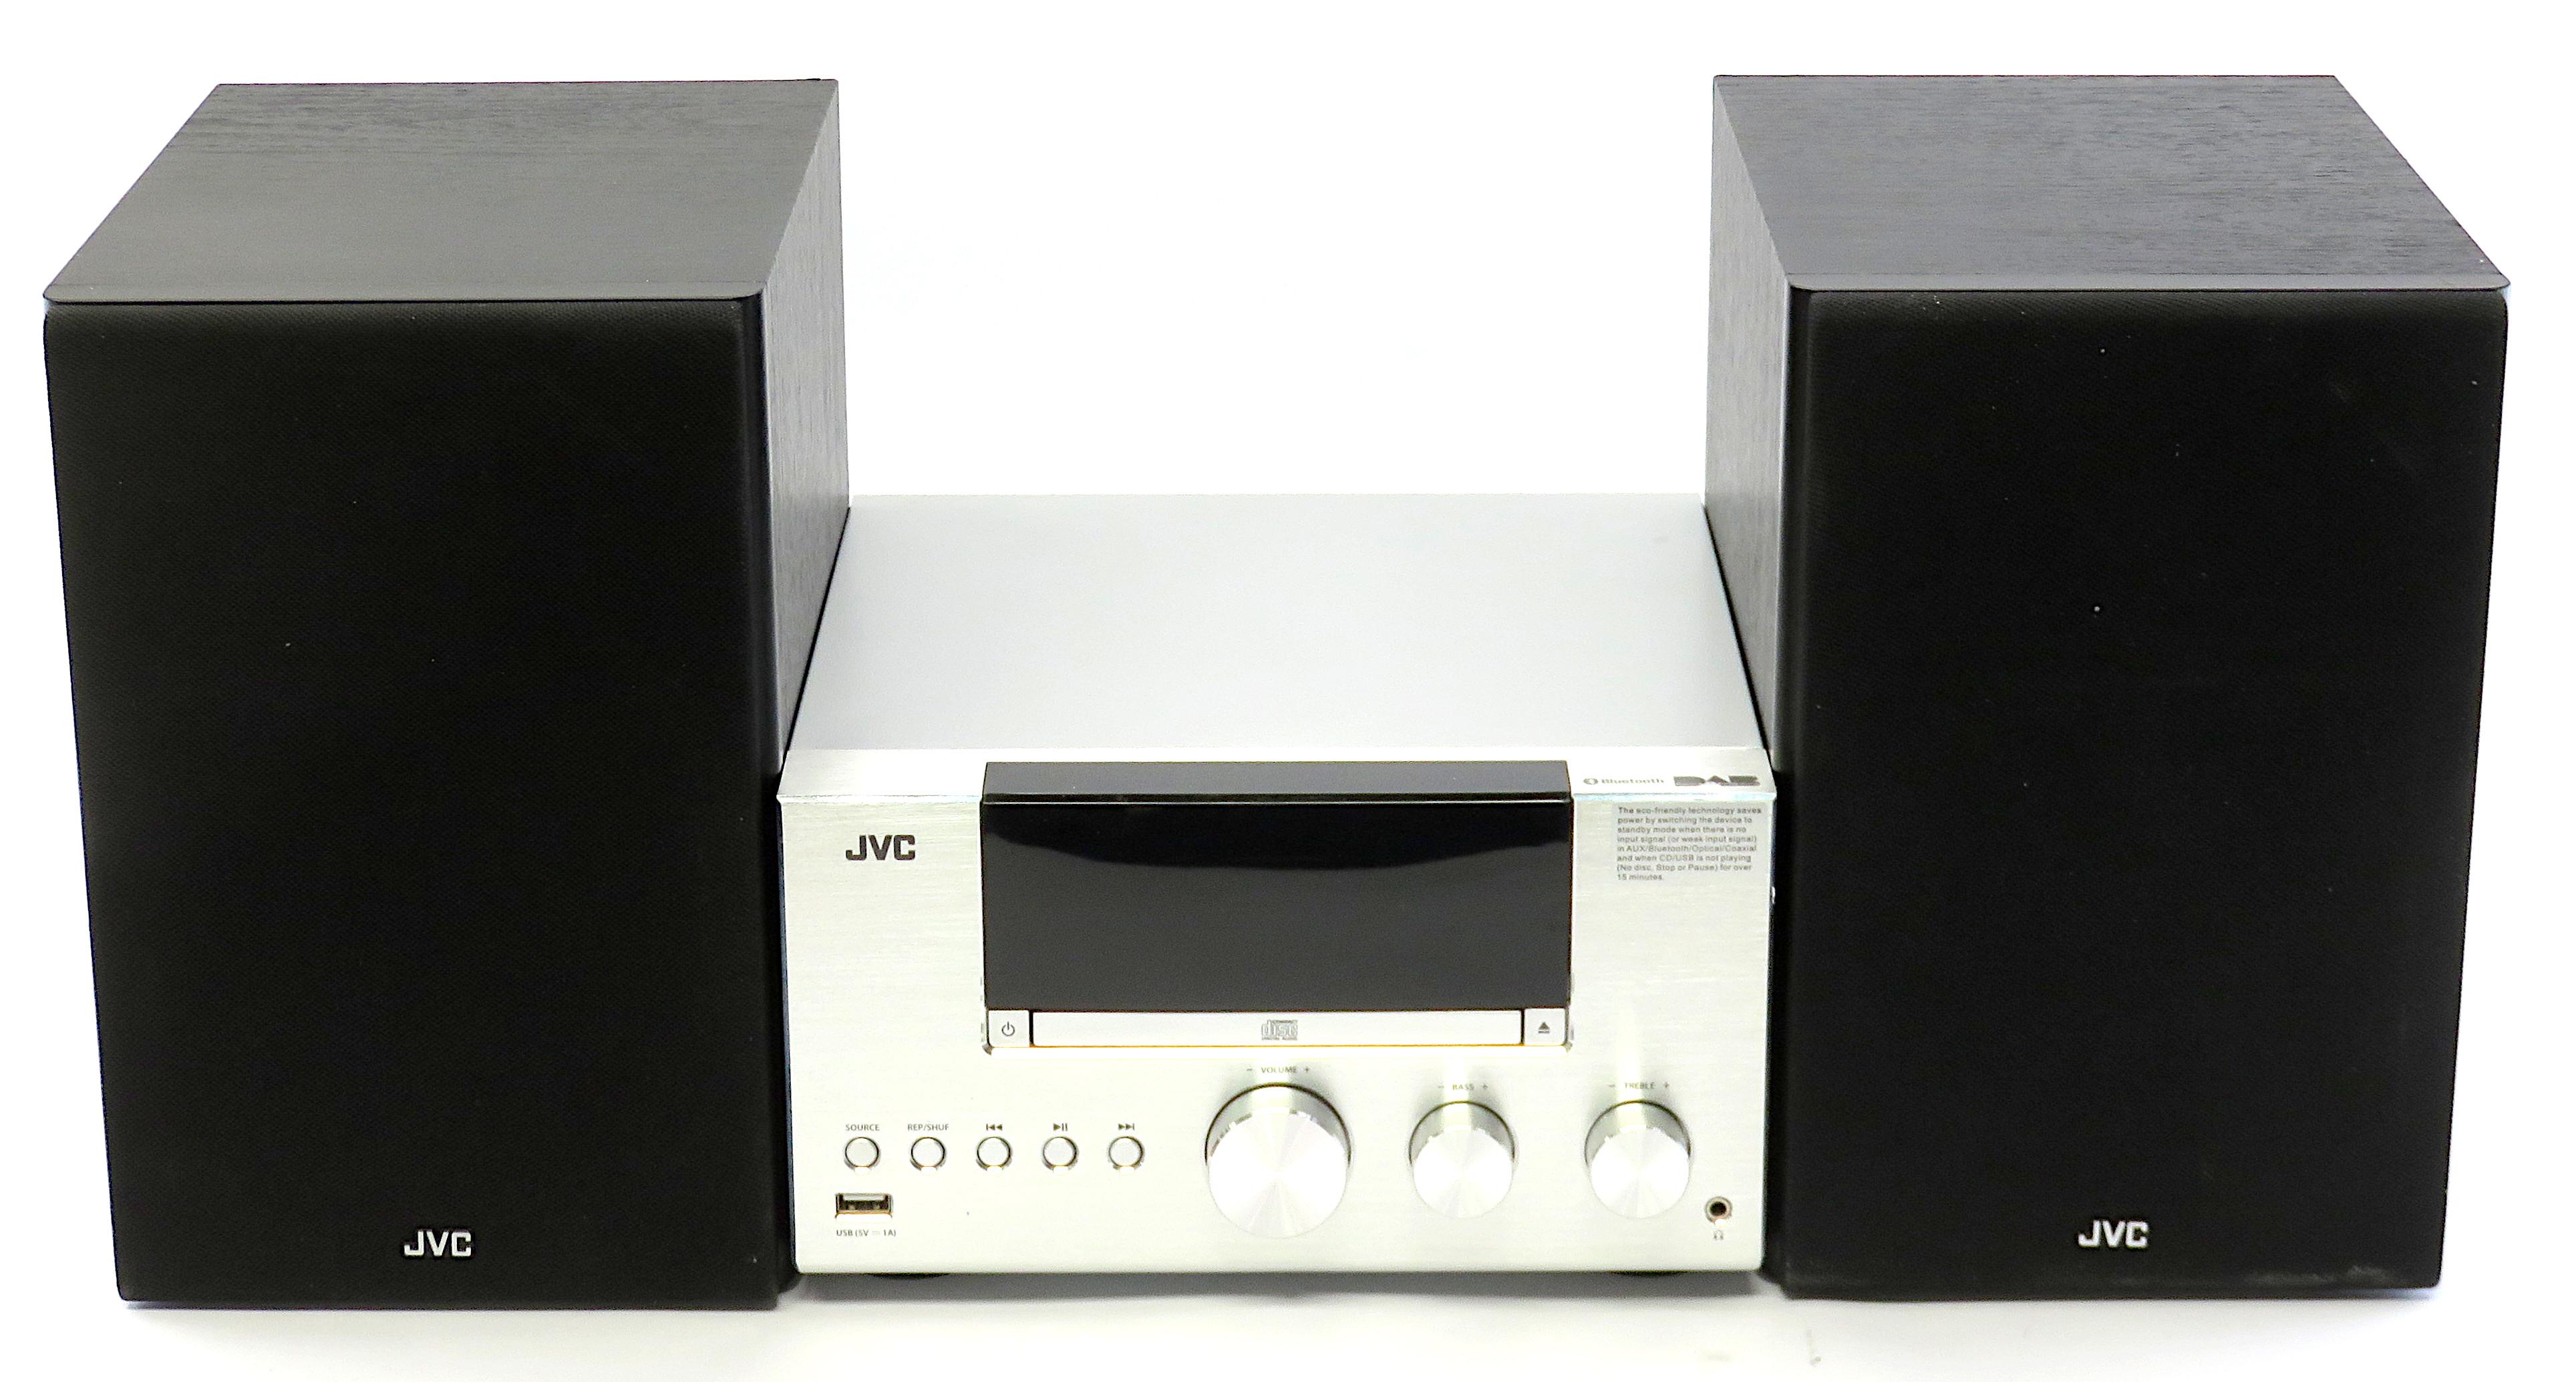 JVC UX-D427S Bookshelf Valve Amplifier CD/DAB/BT Hi-Fi System *READ DESCRIPTION*